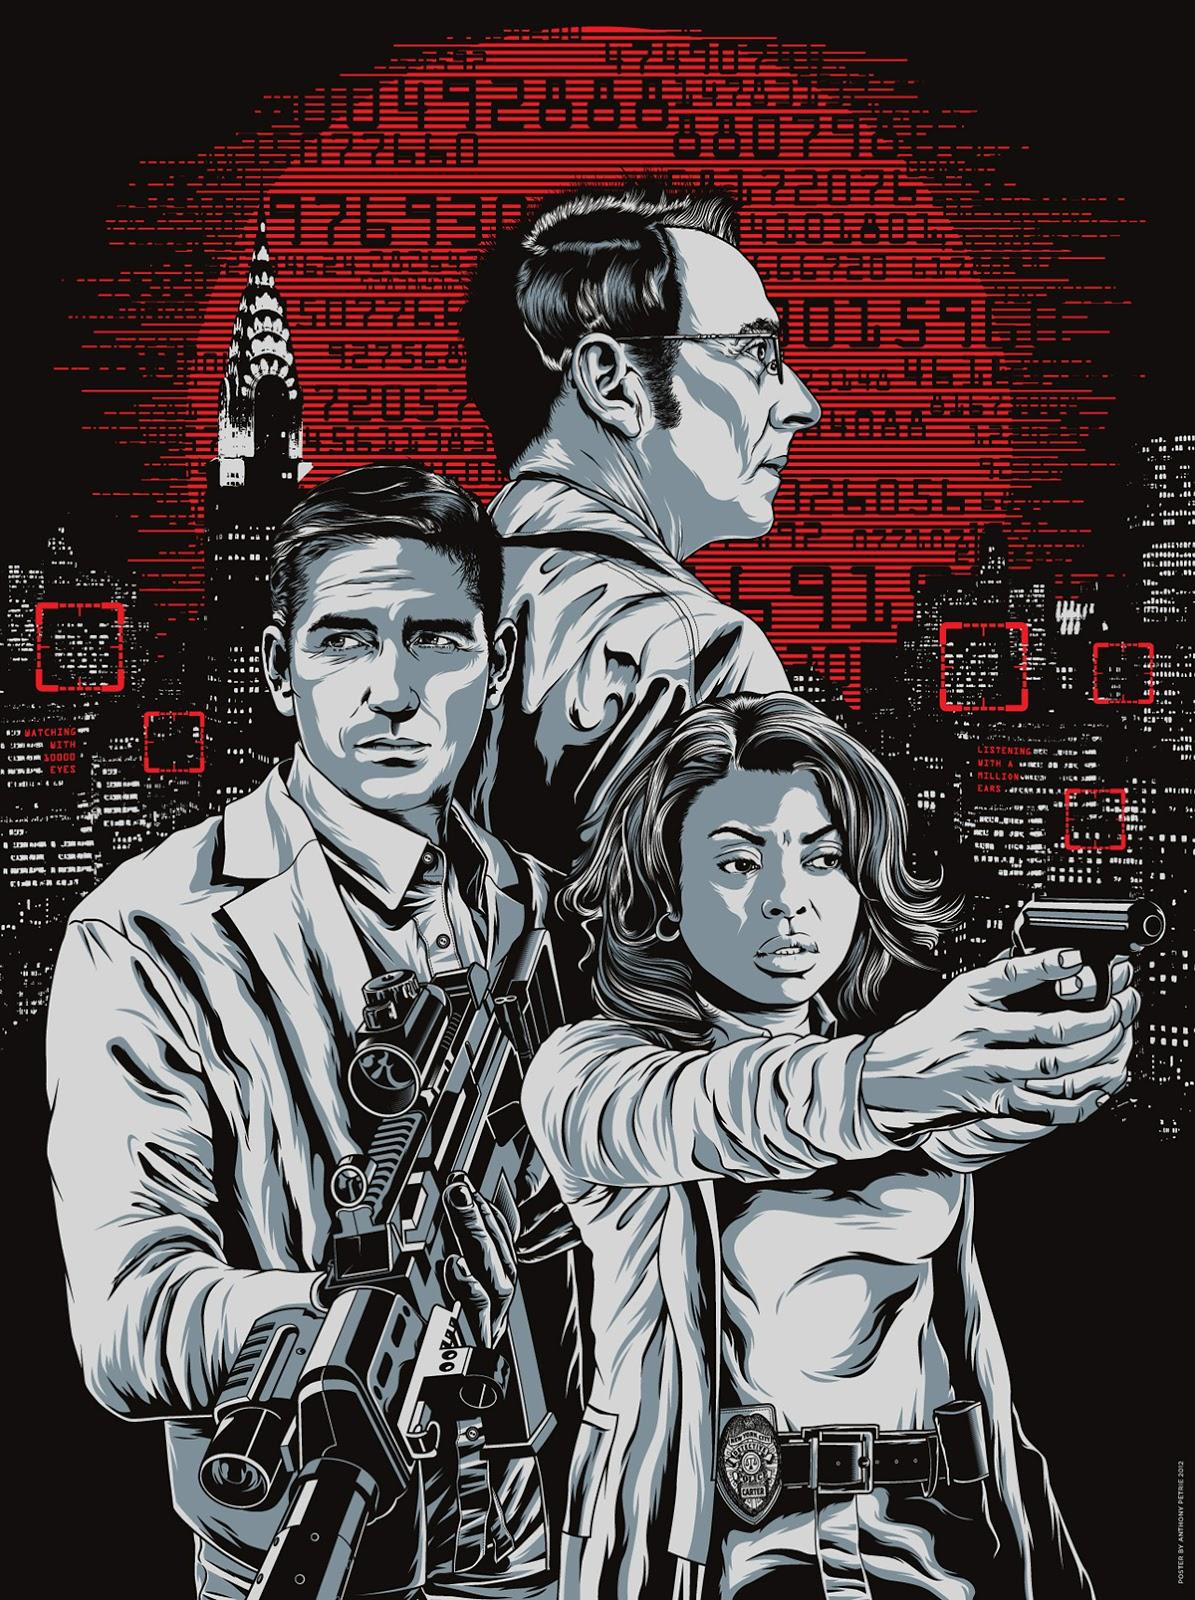 http://www.imdb.com/title/tt1839578/